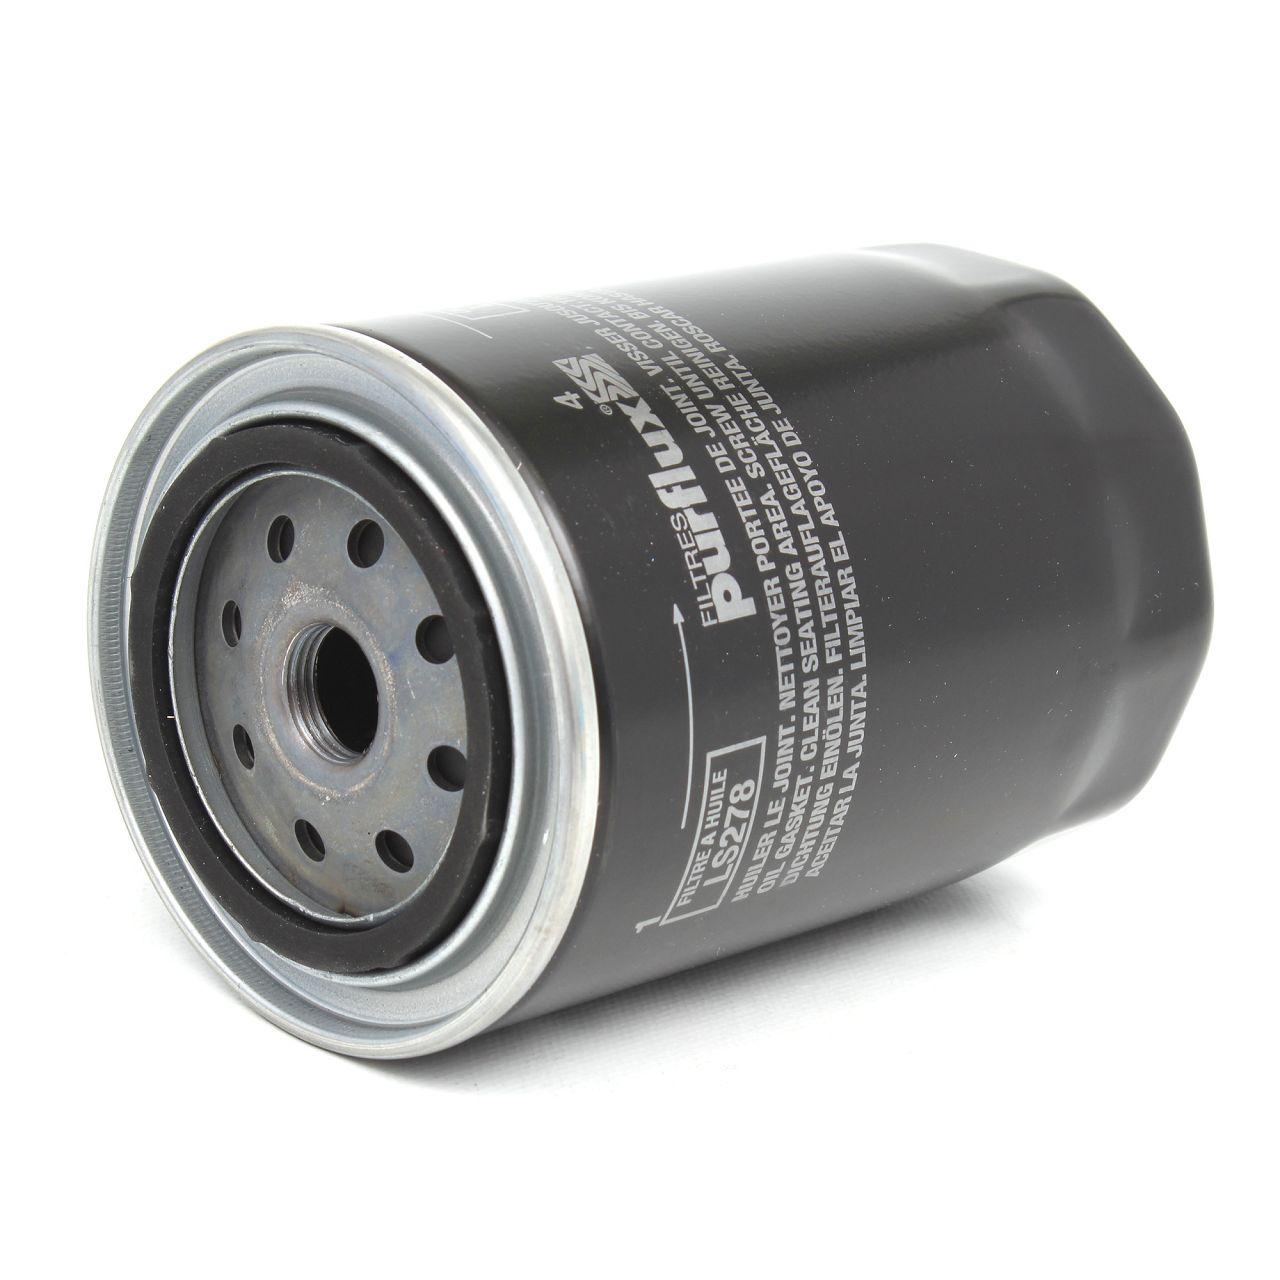 Inspektionskit Filterpaket Filterset für Audi A6 4B C5 1.9TDI 110 PS ab 05.2000